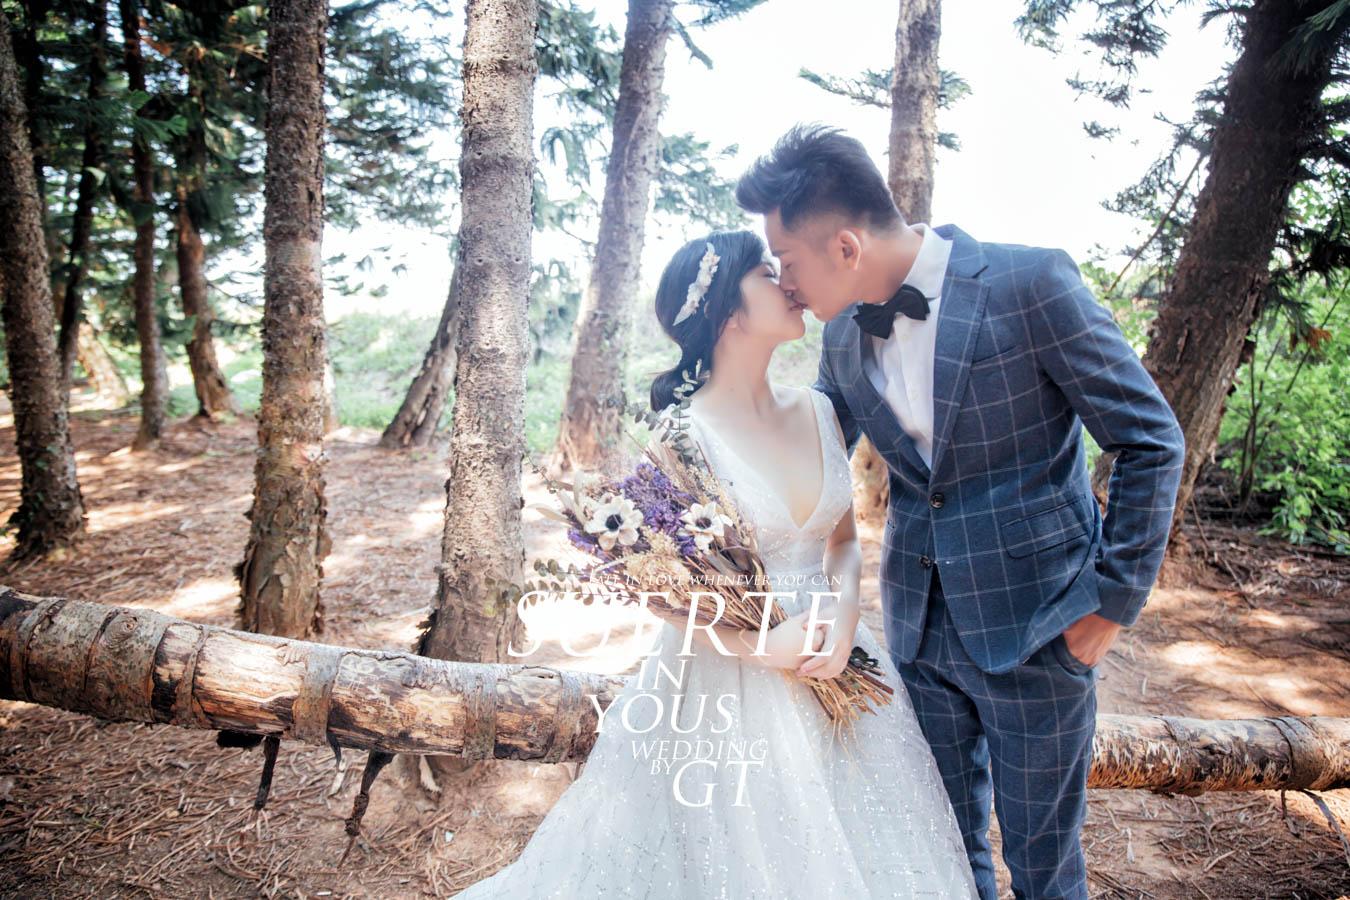 自助婚紗 | 政殷+采如  PREWEDDING GT拍攝 |國內婚紗|台中婚紗